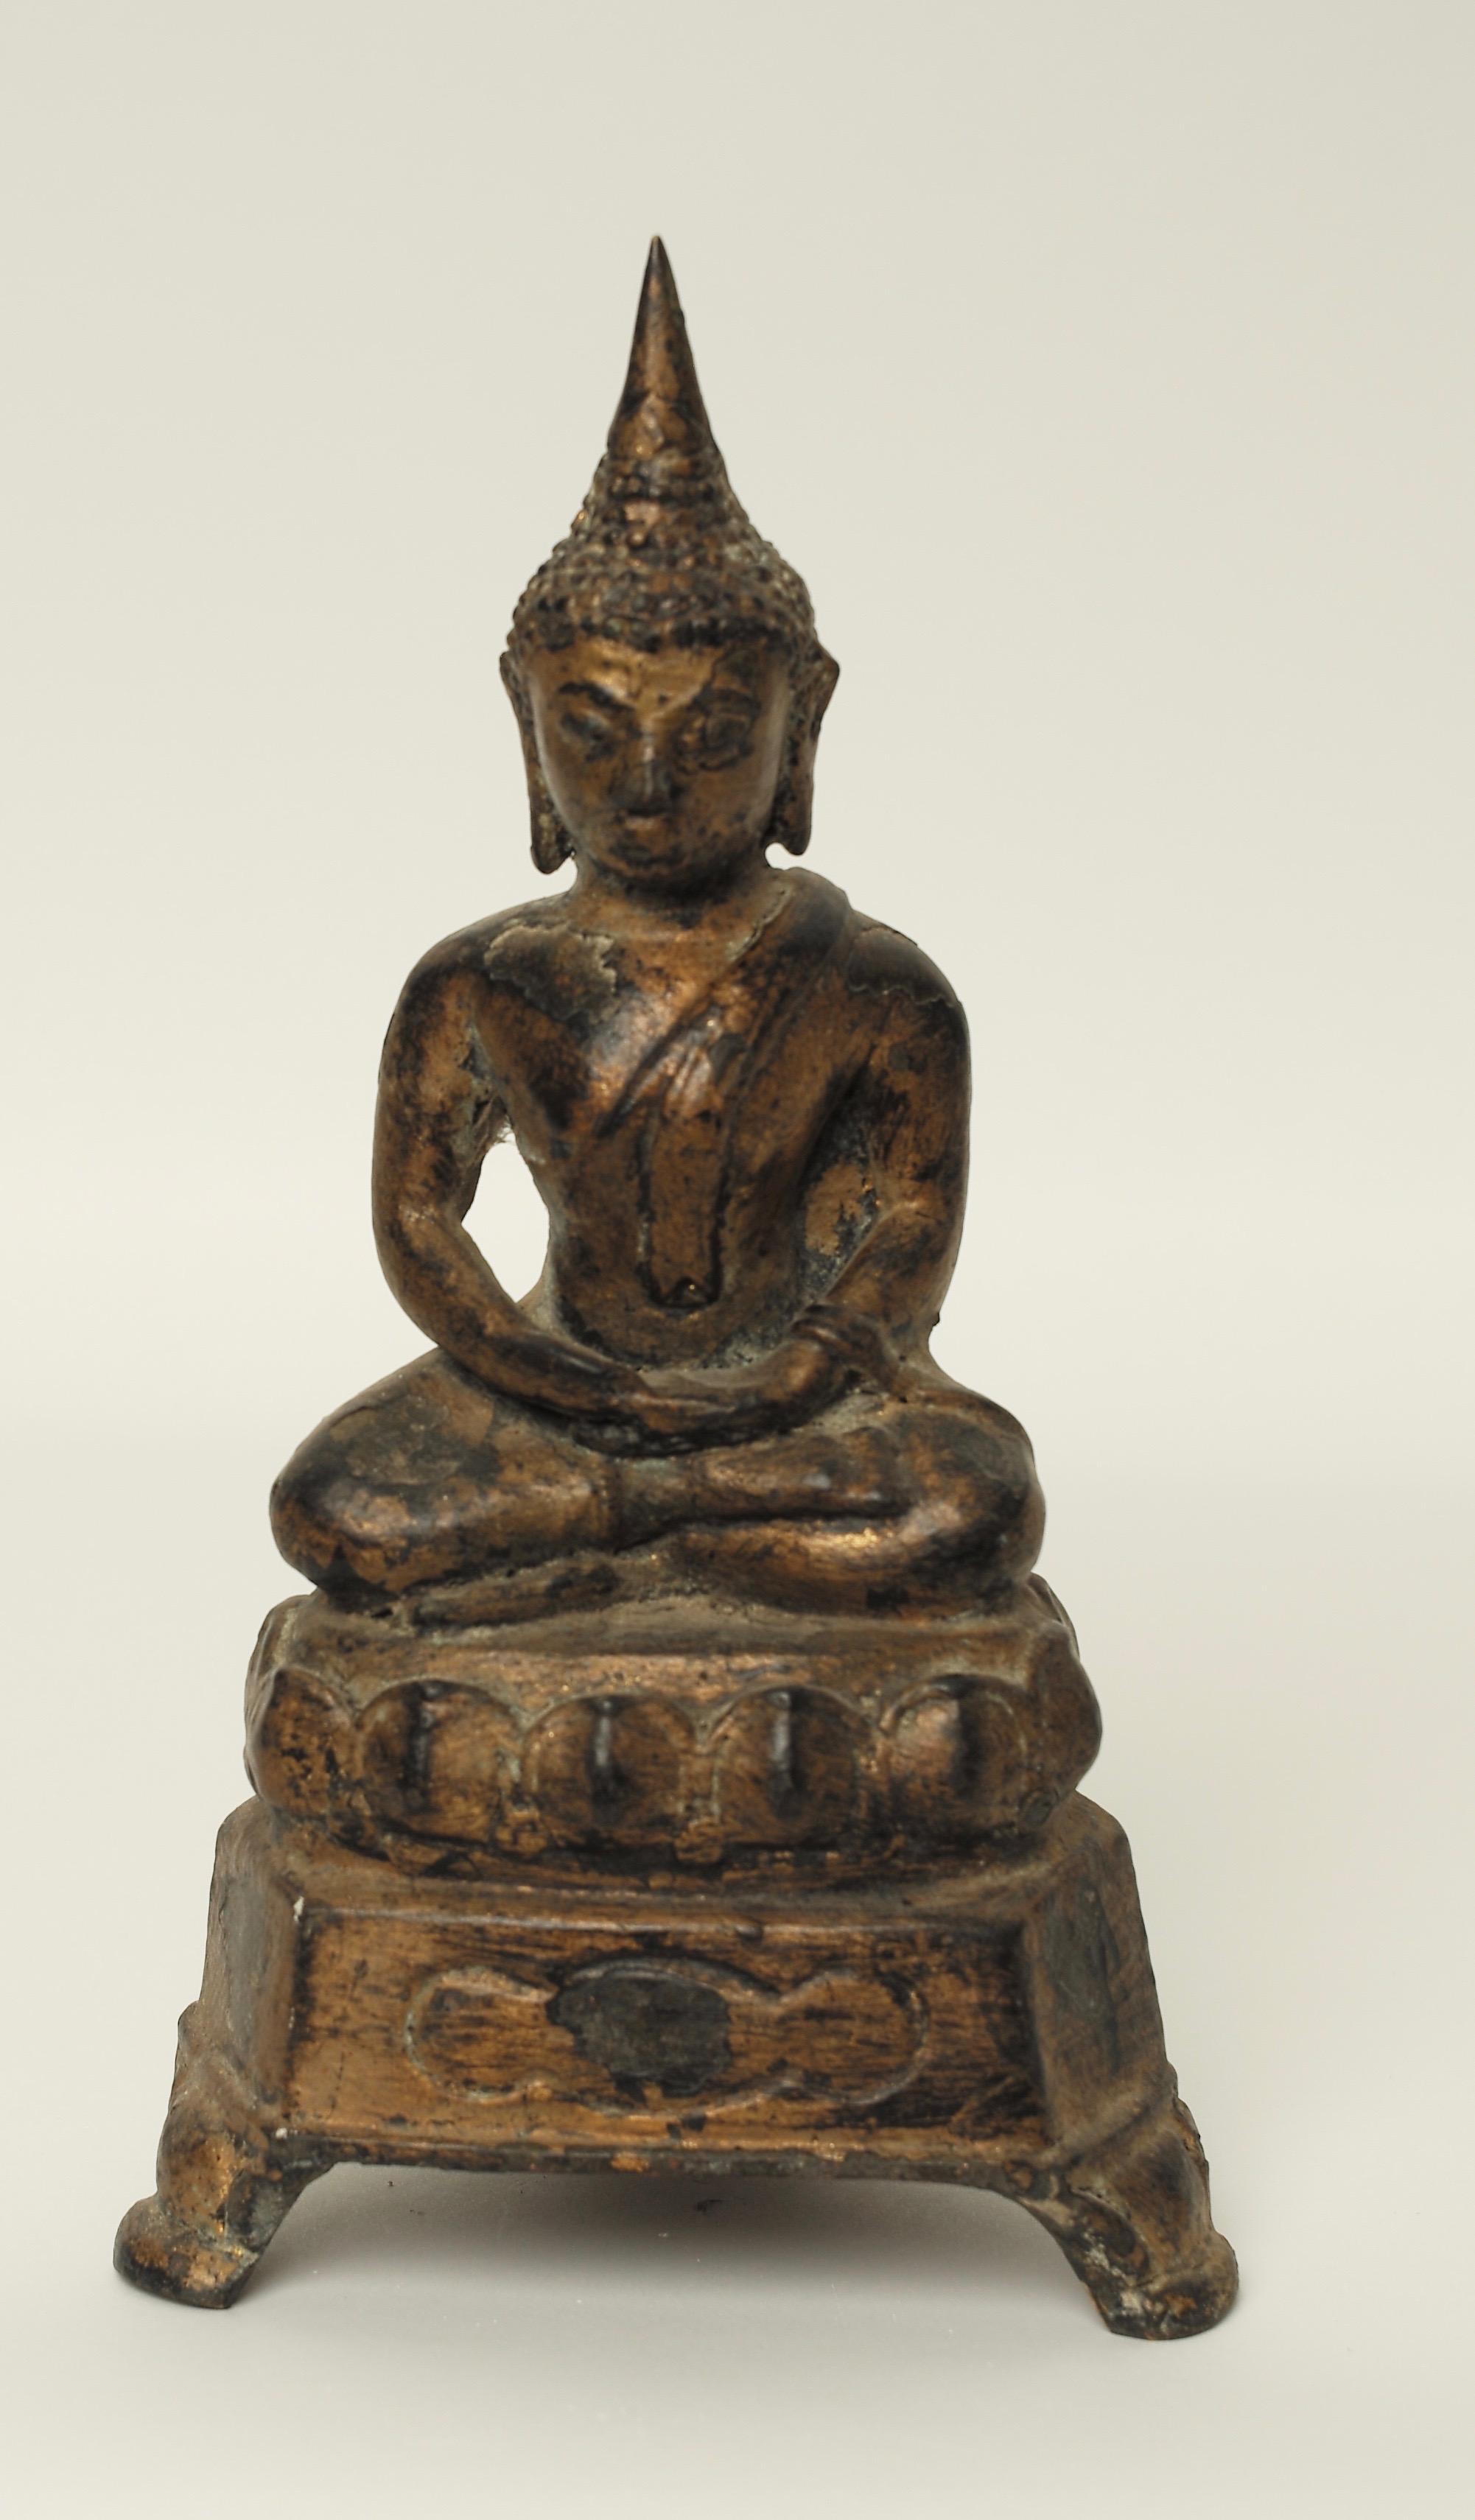 Parfait Catalogue de la vente Archéologie, Asie, Arts Premiers, Histoire  AM72